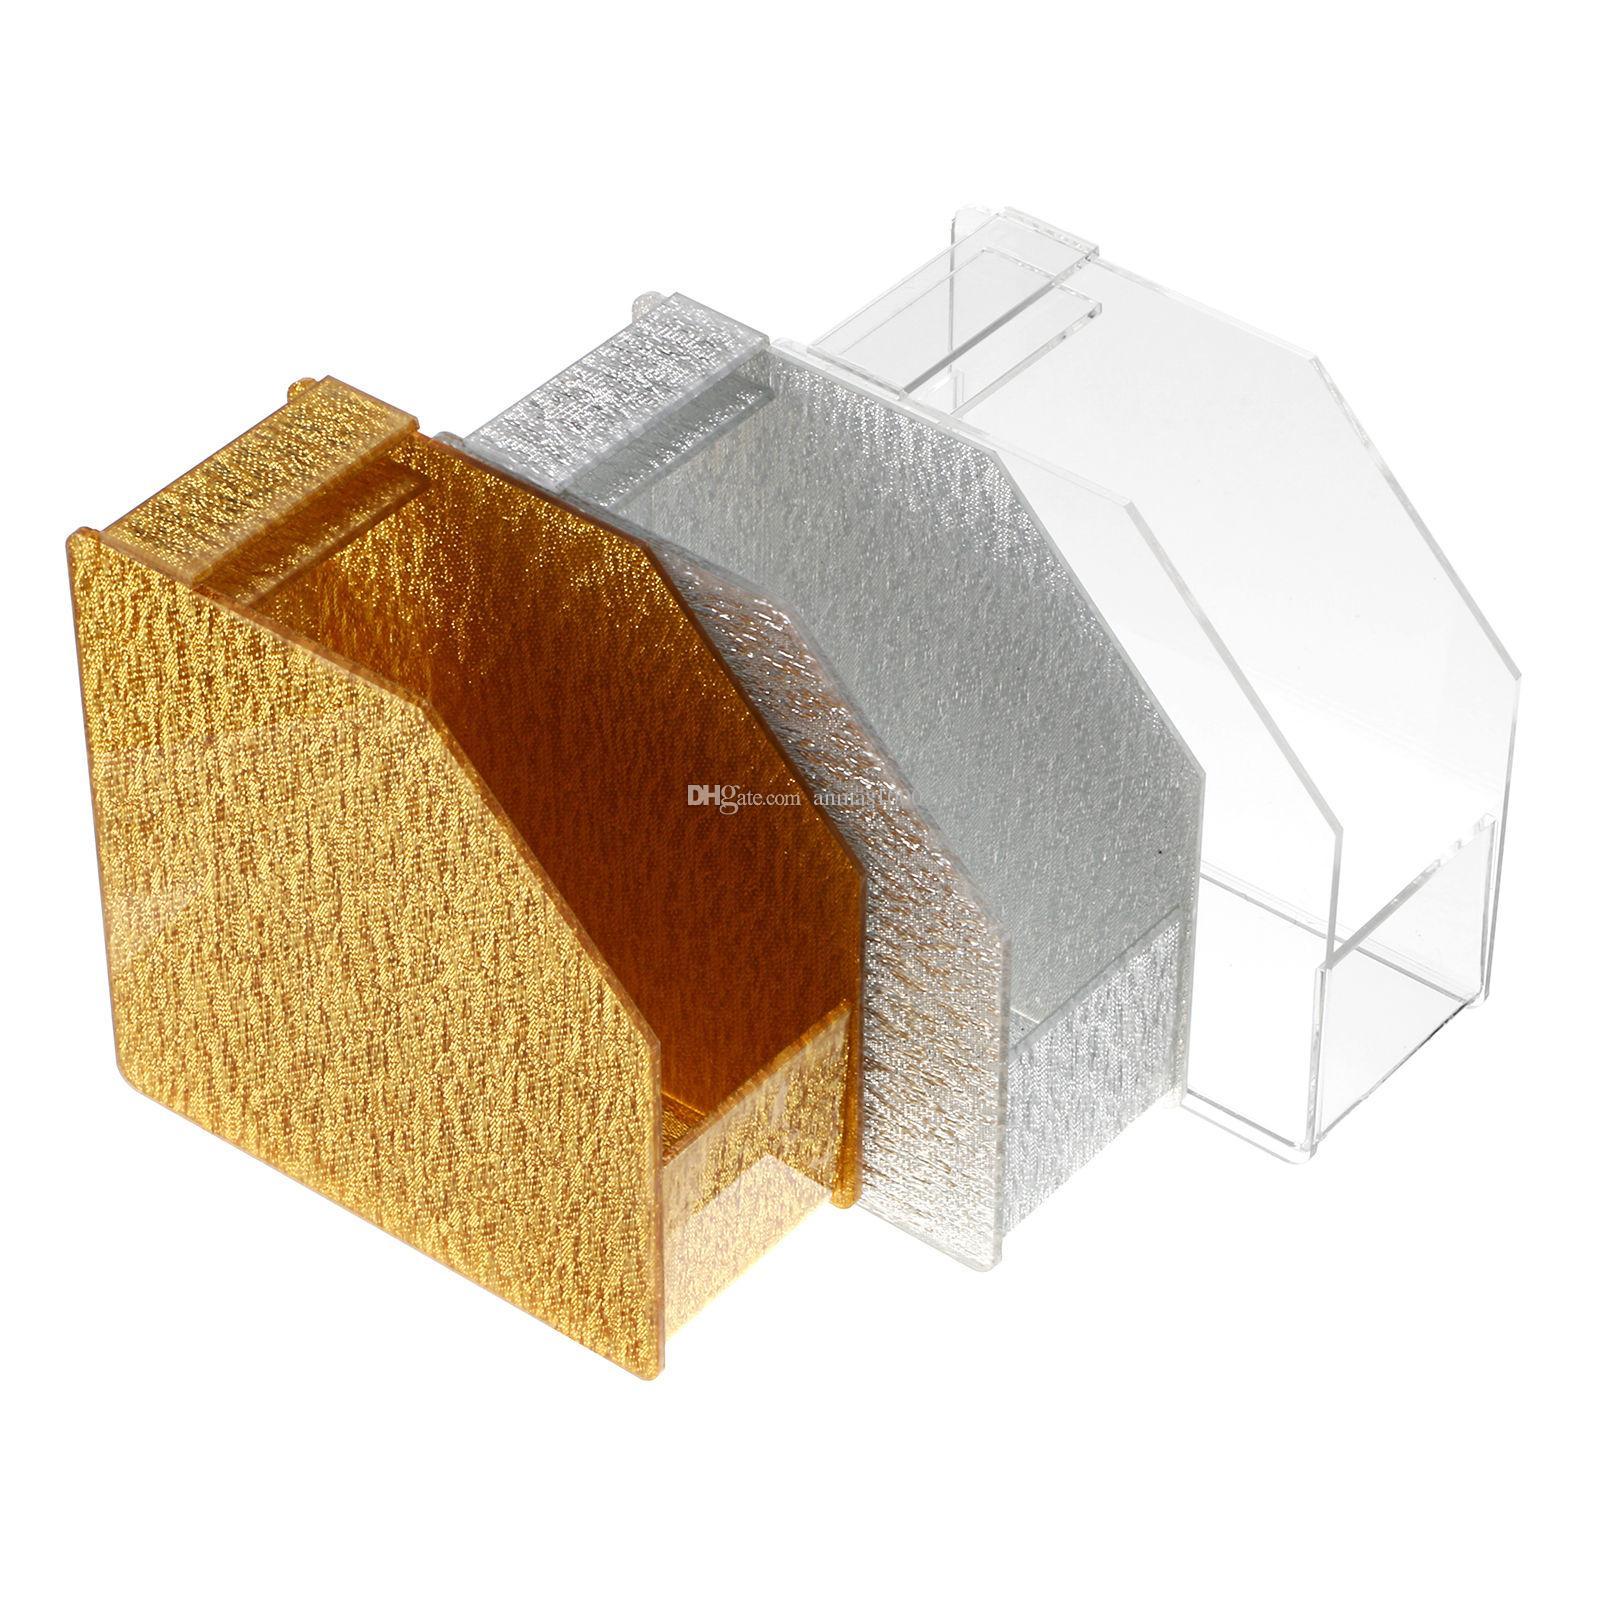 Серебро / Trasparent / золото мода акриловые ногтей Форма диспенсер держатель одной формы легко выбрать